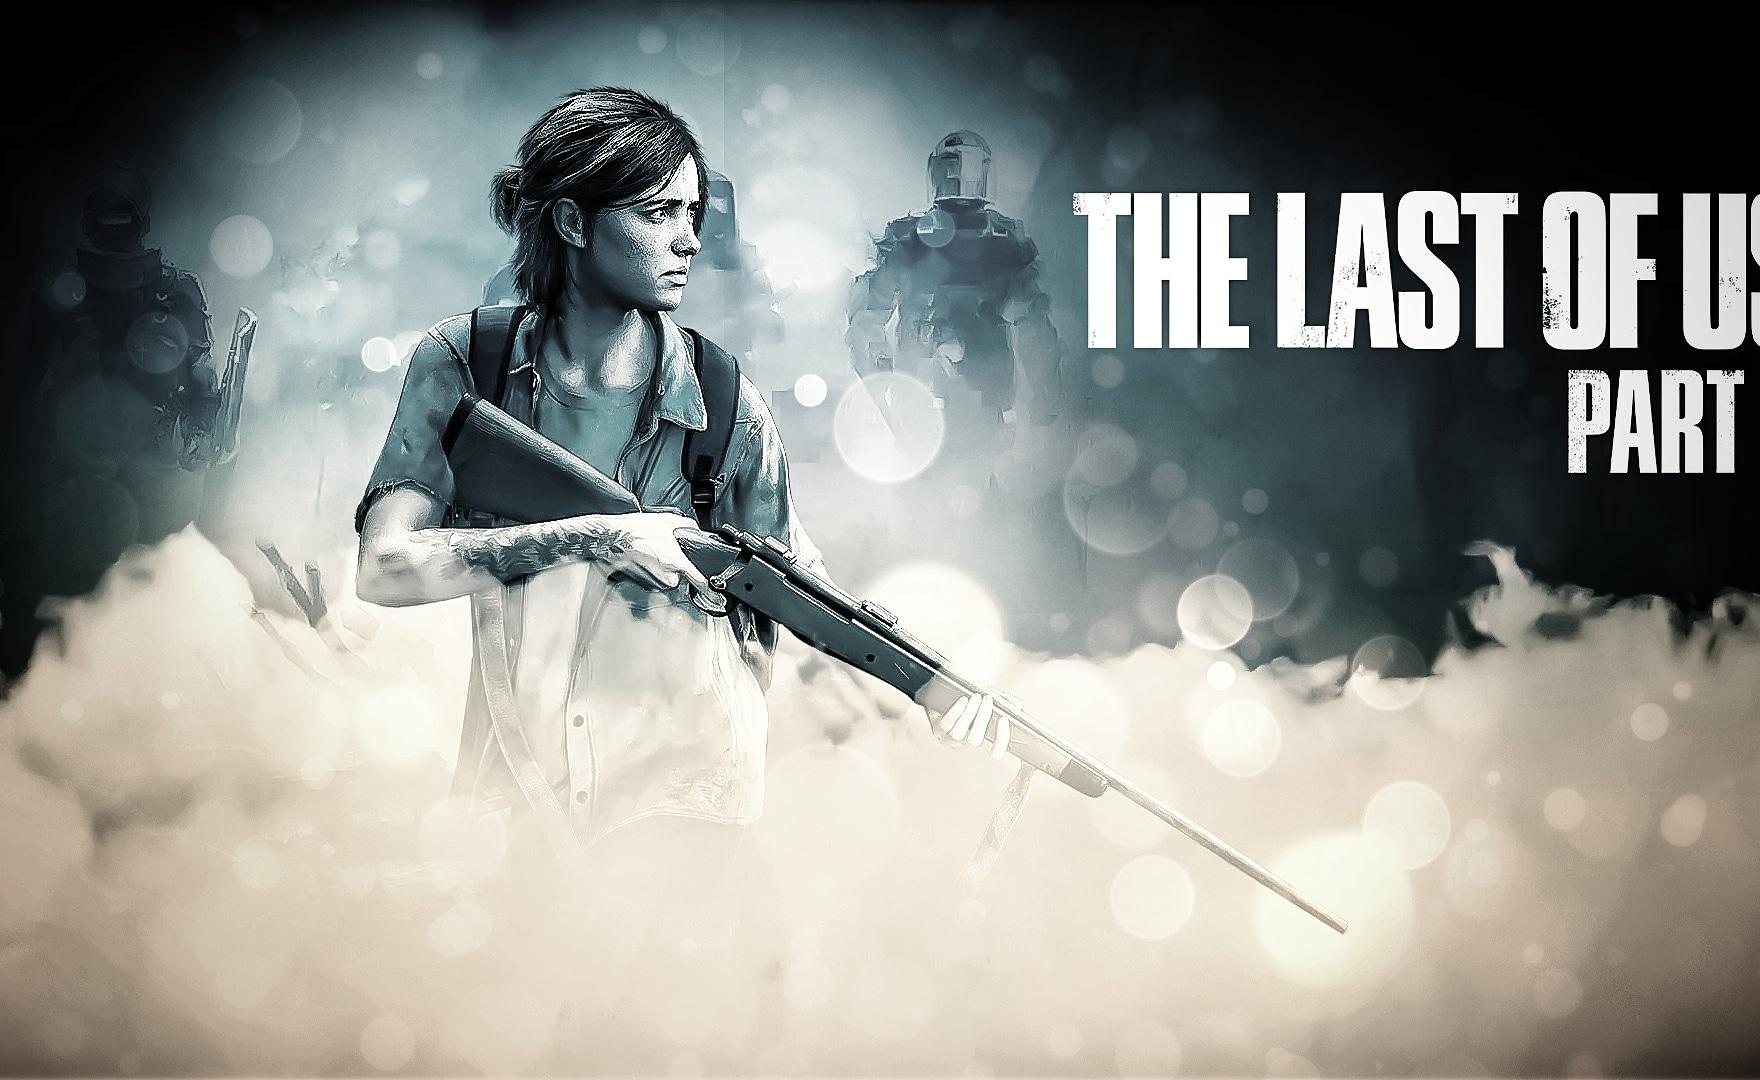 The Last of Us 2: in vendita quattro artwork dedicate al videogioco